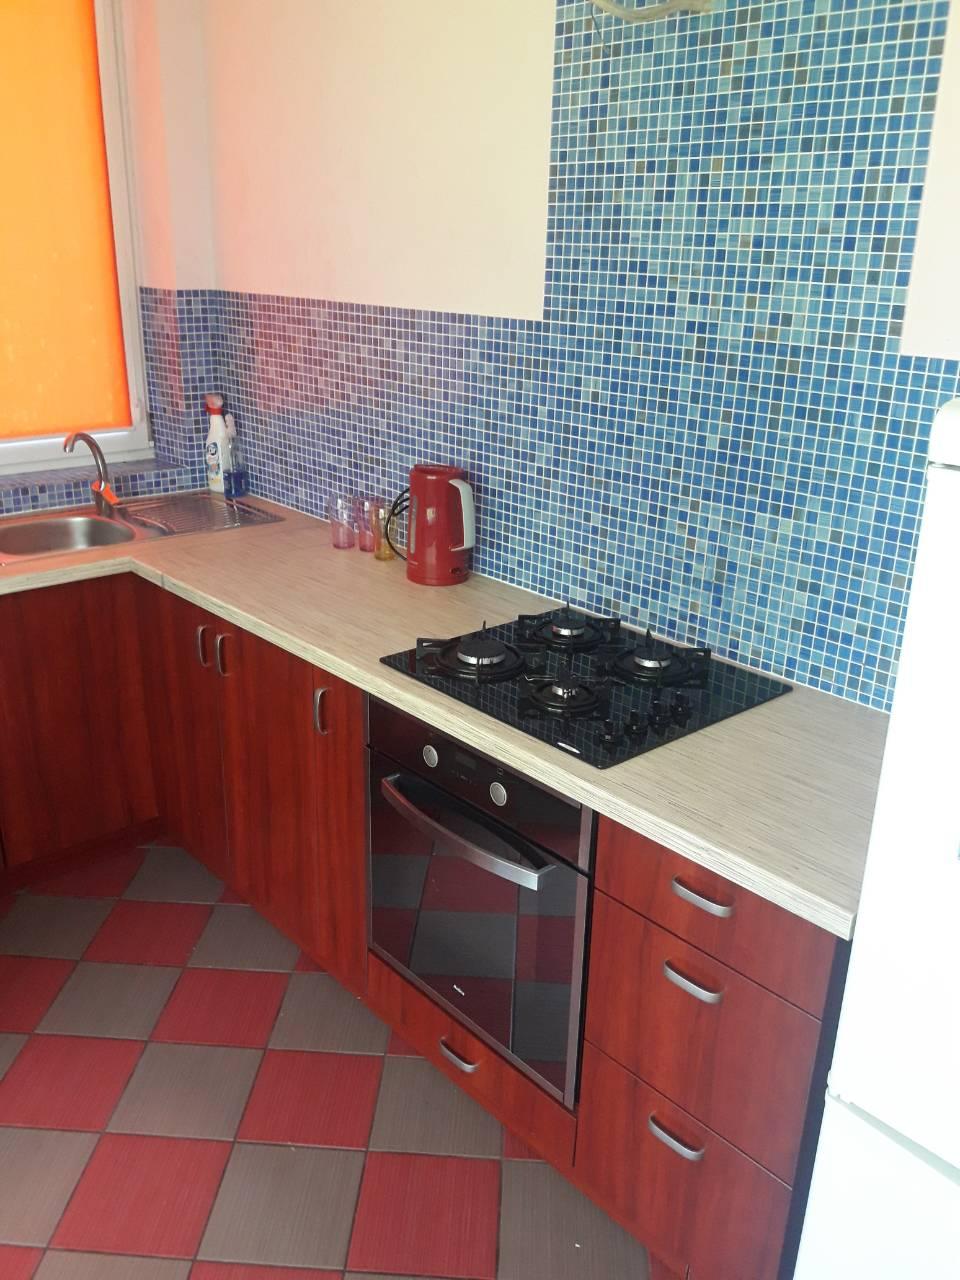 Kuchnia Dom Mieszkanie Zabudowa Tanio St Ideal 7438417699